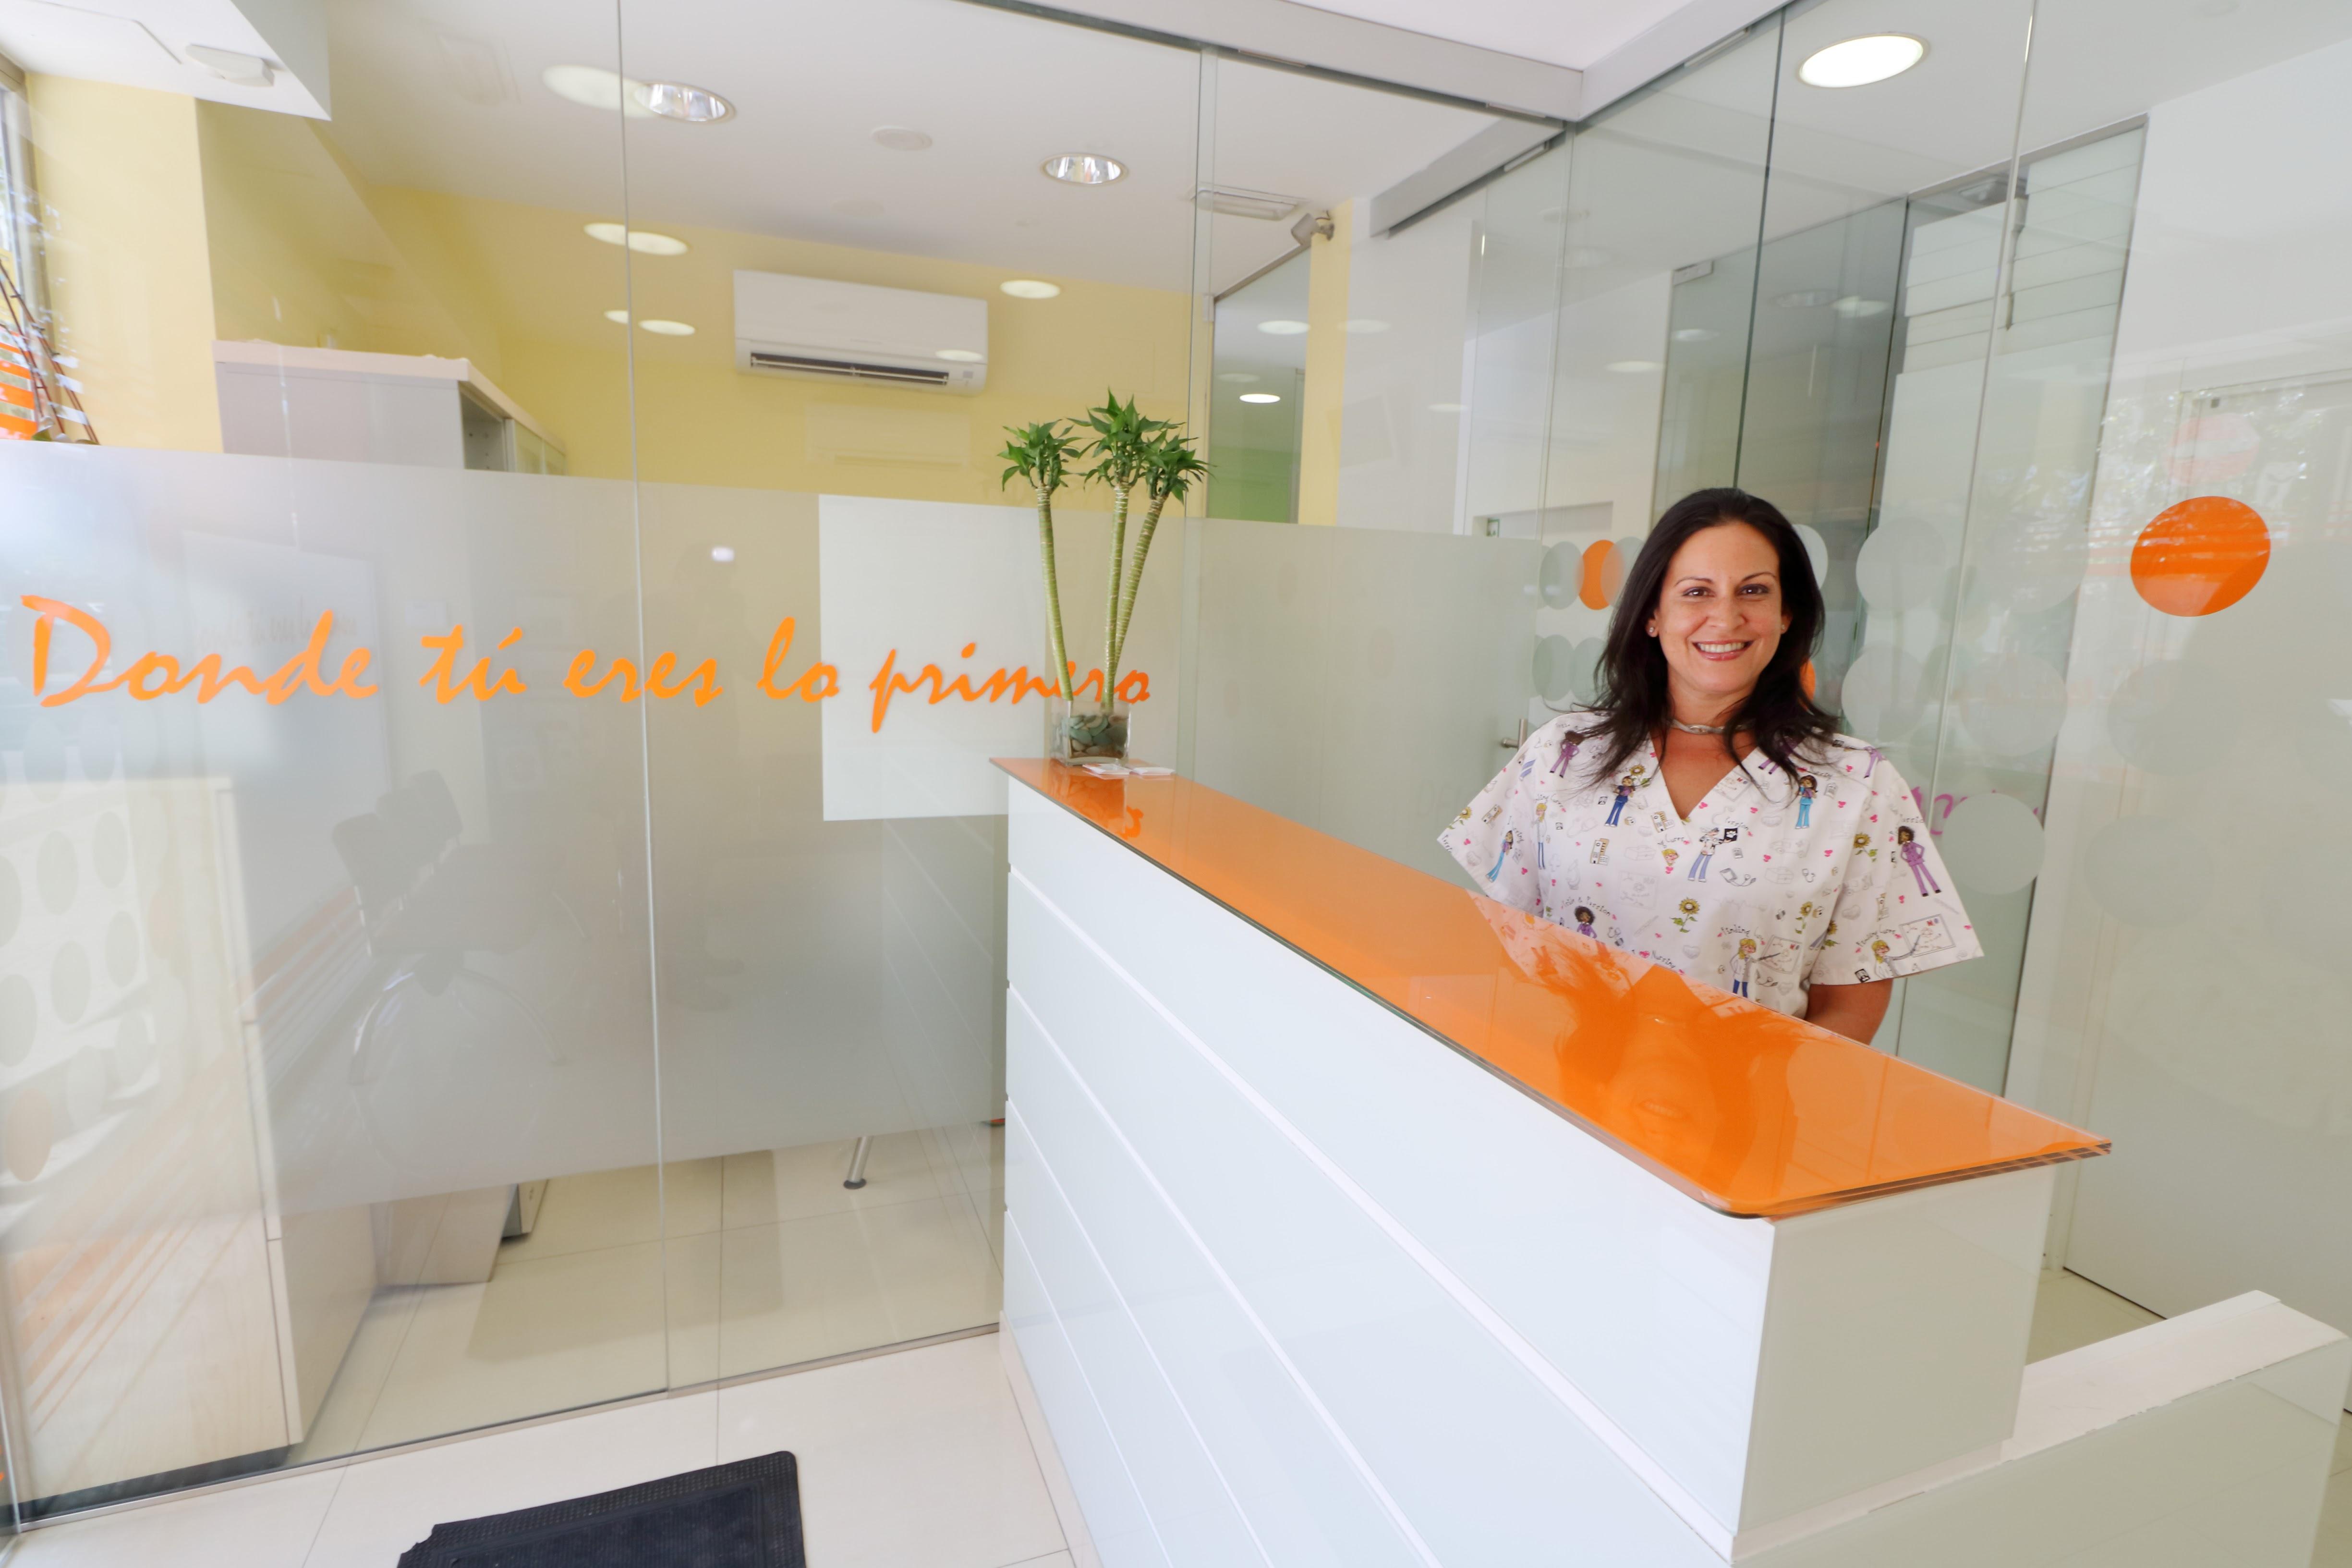 clinica-dental-getafe-clinica-dental-patricia-dentista-getafe-dra-patricia-hernandez